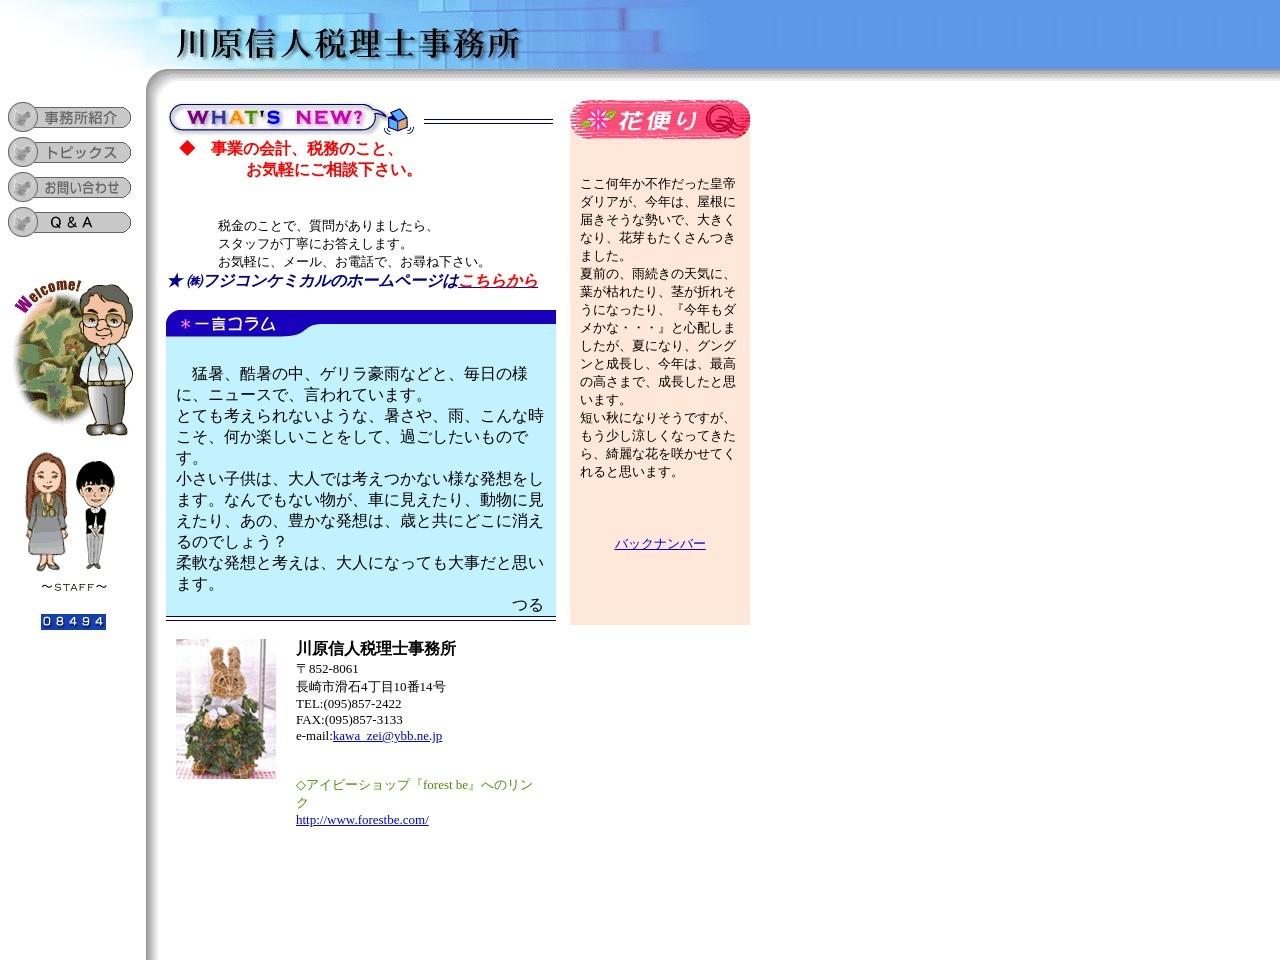 川原信人税理士事務所